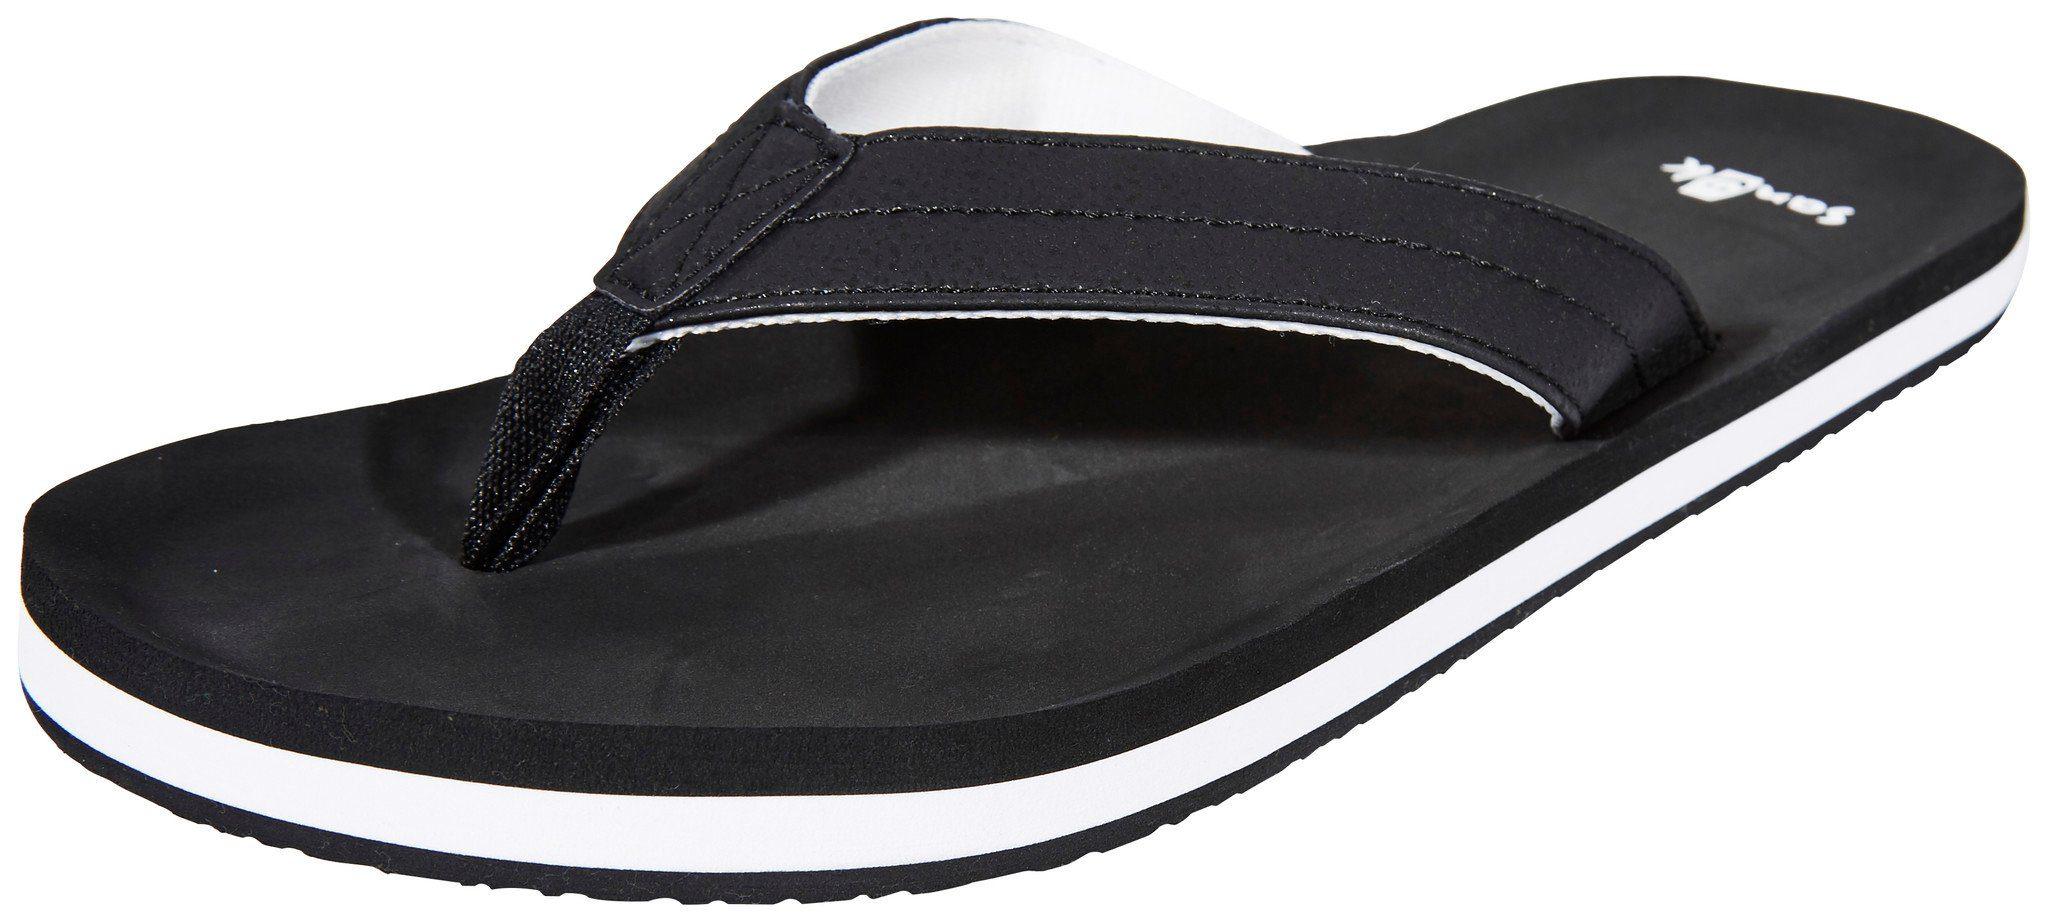 Sanük Sandale »Burm Shoes Men«